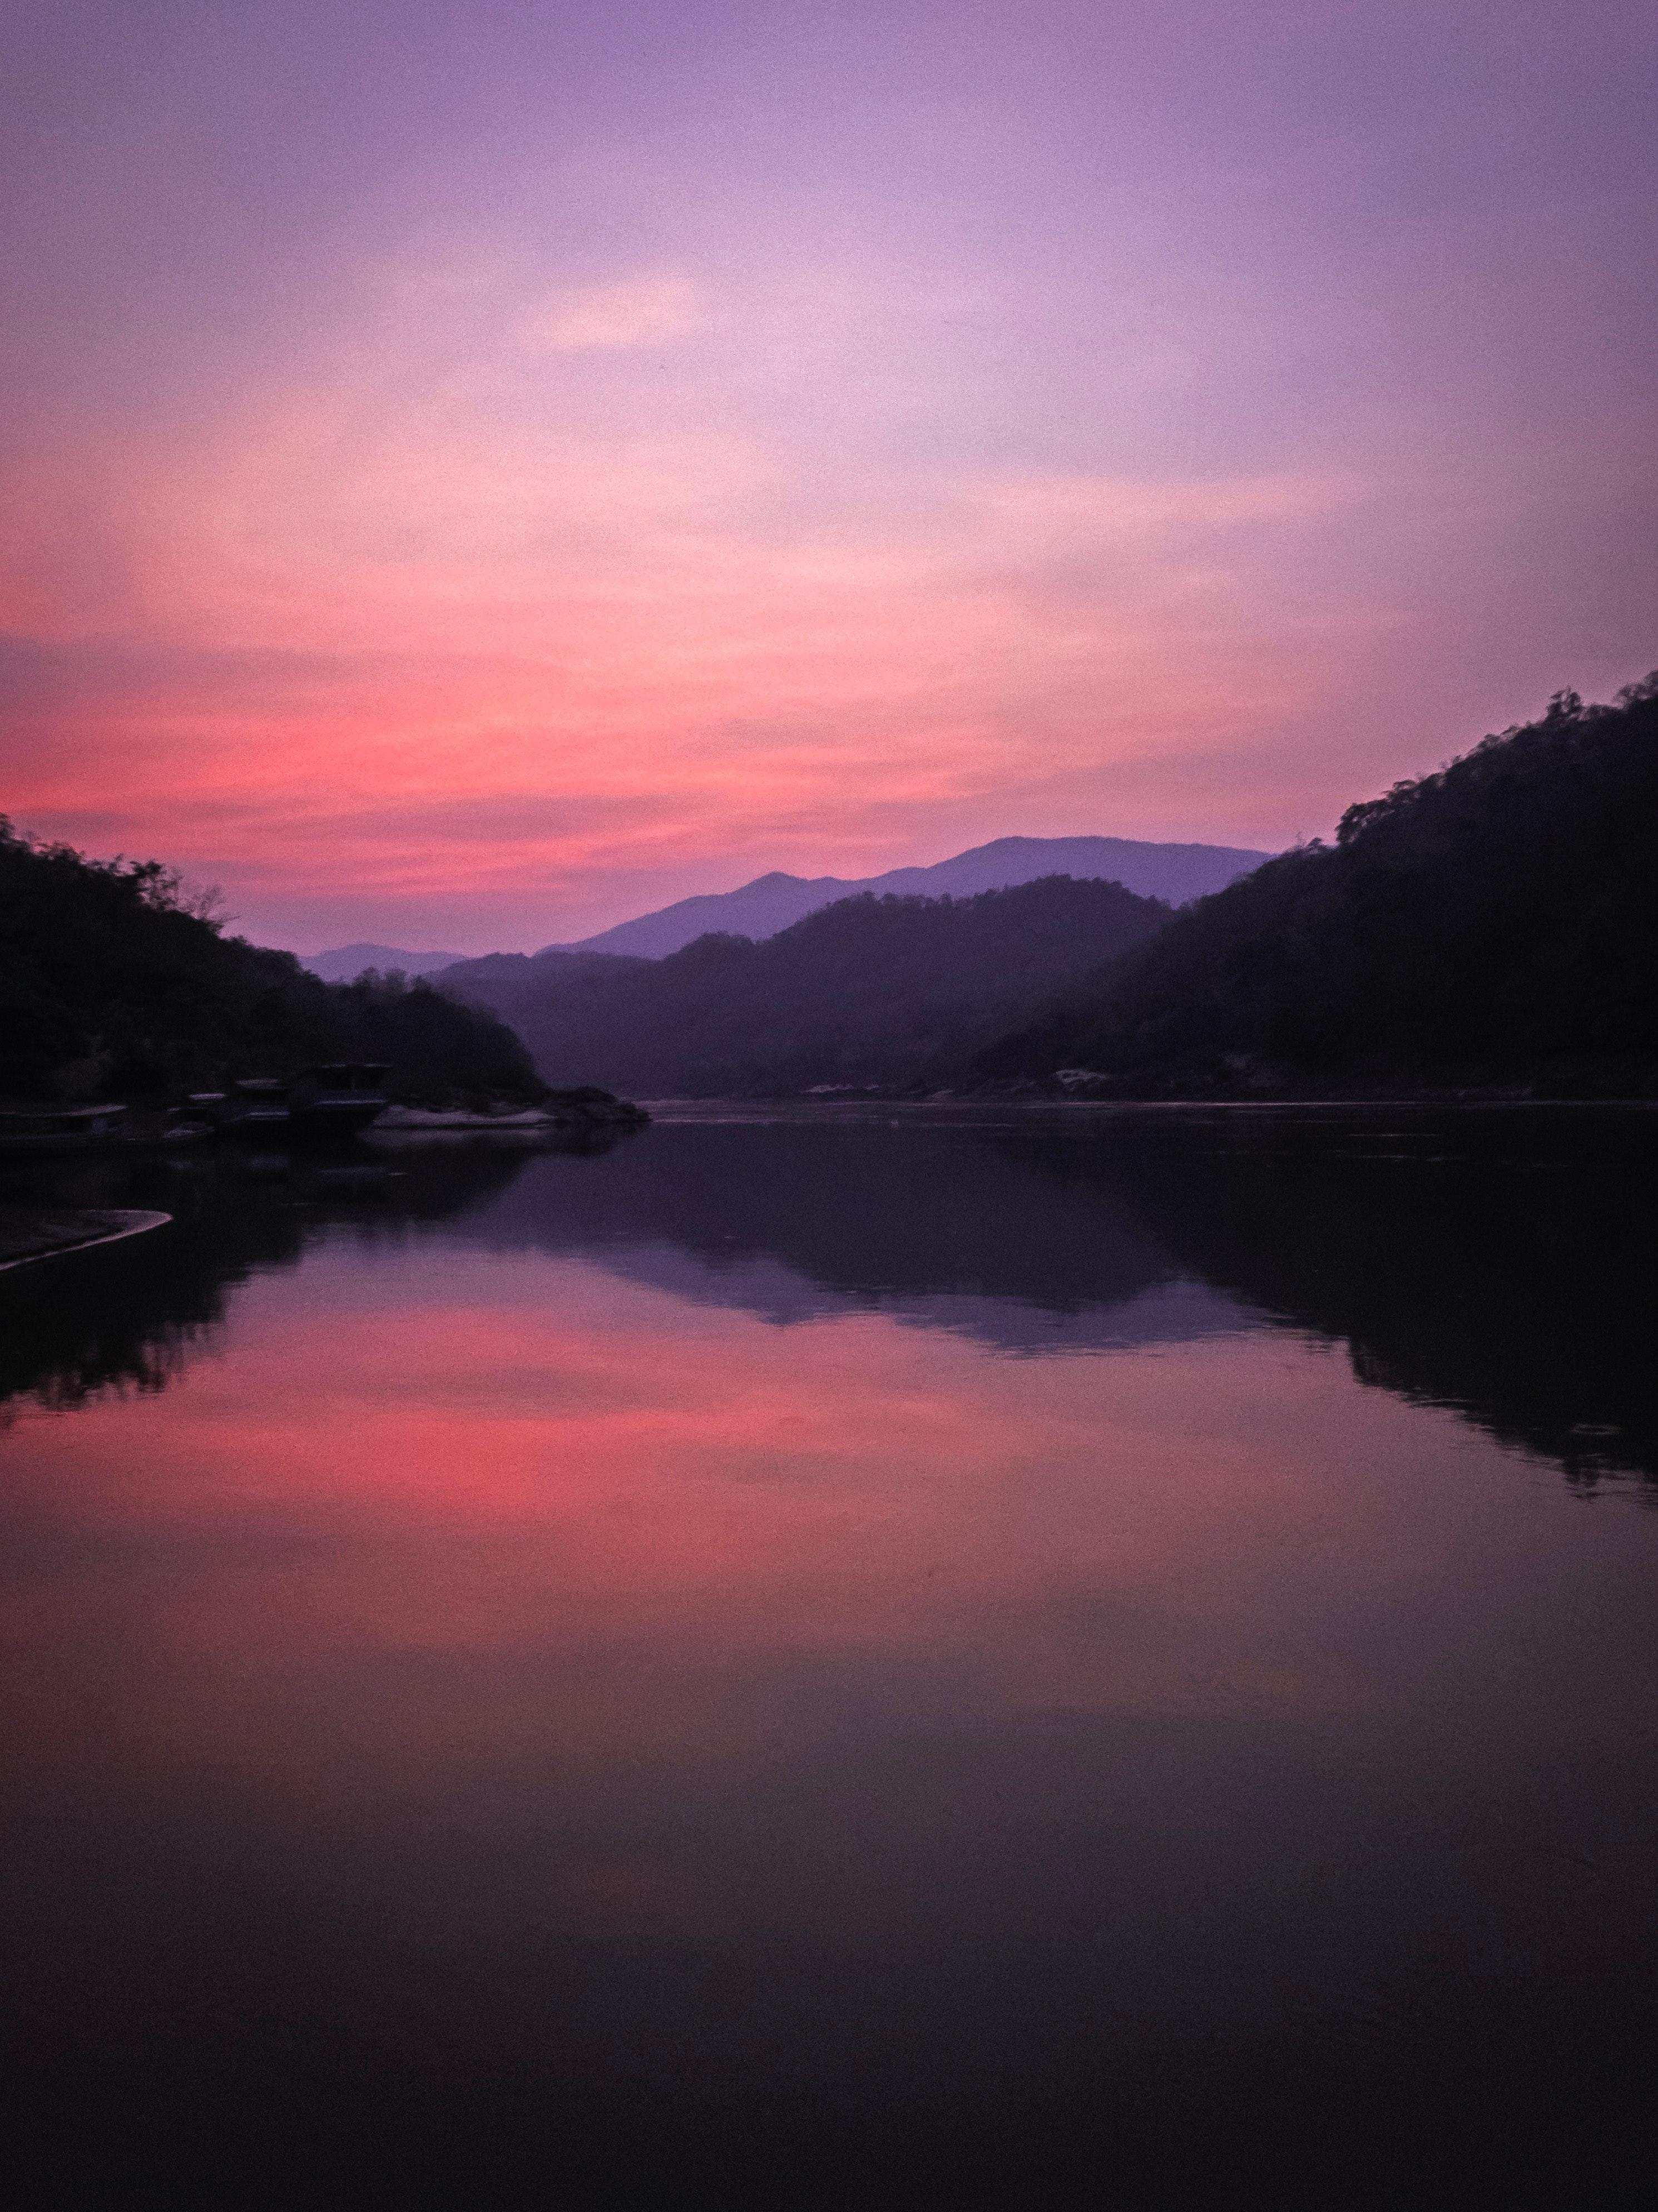 backlit-dawn-dusk-2421490